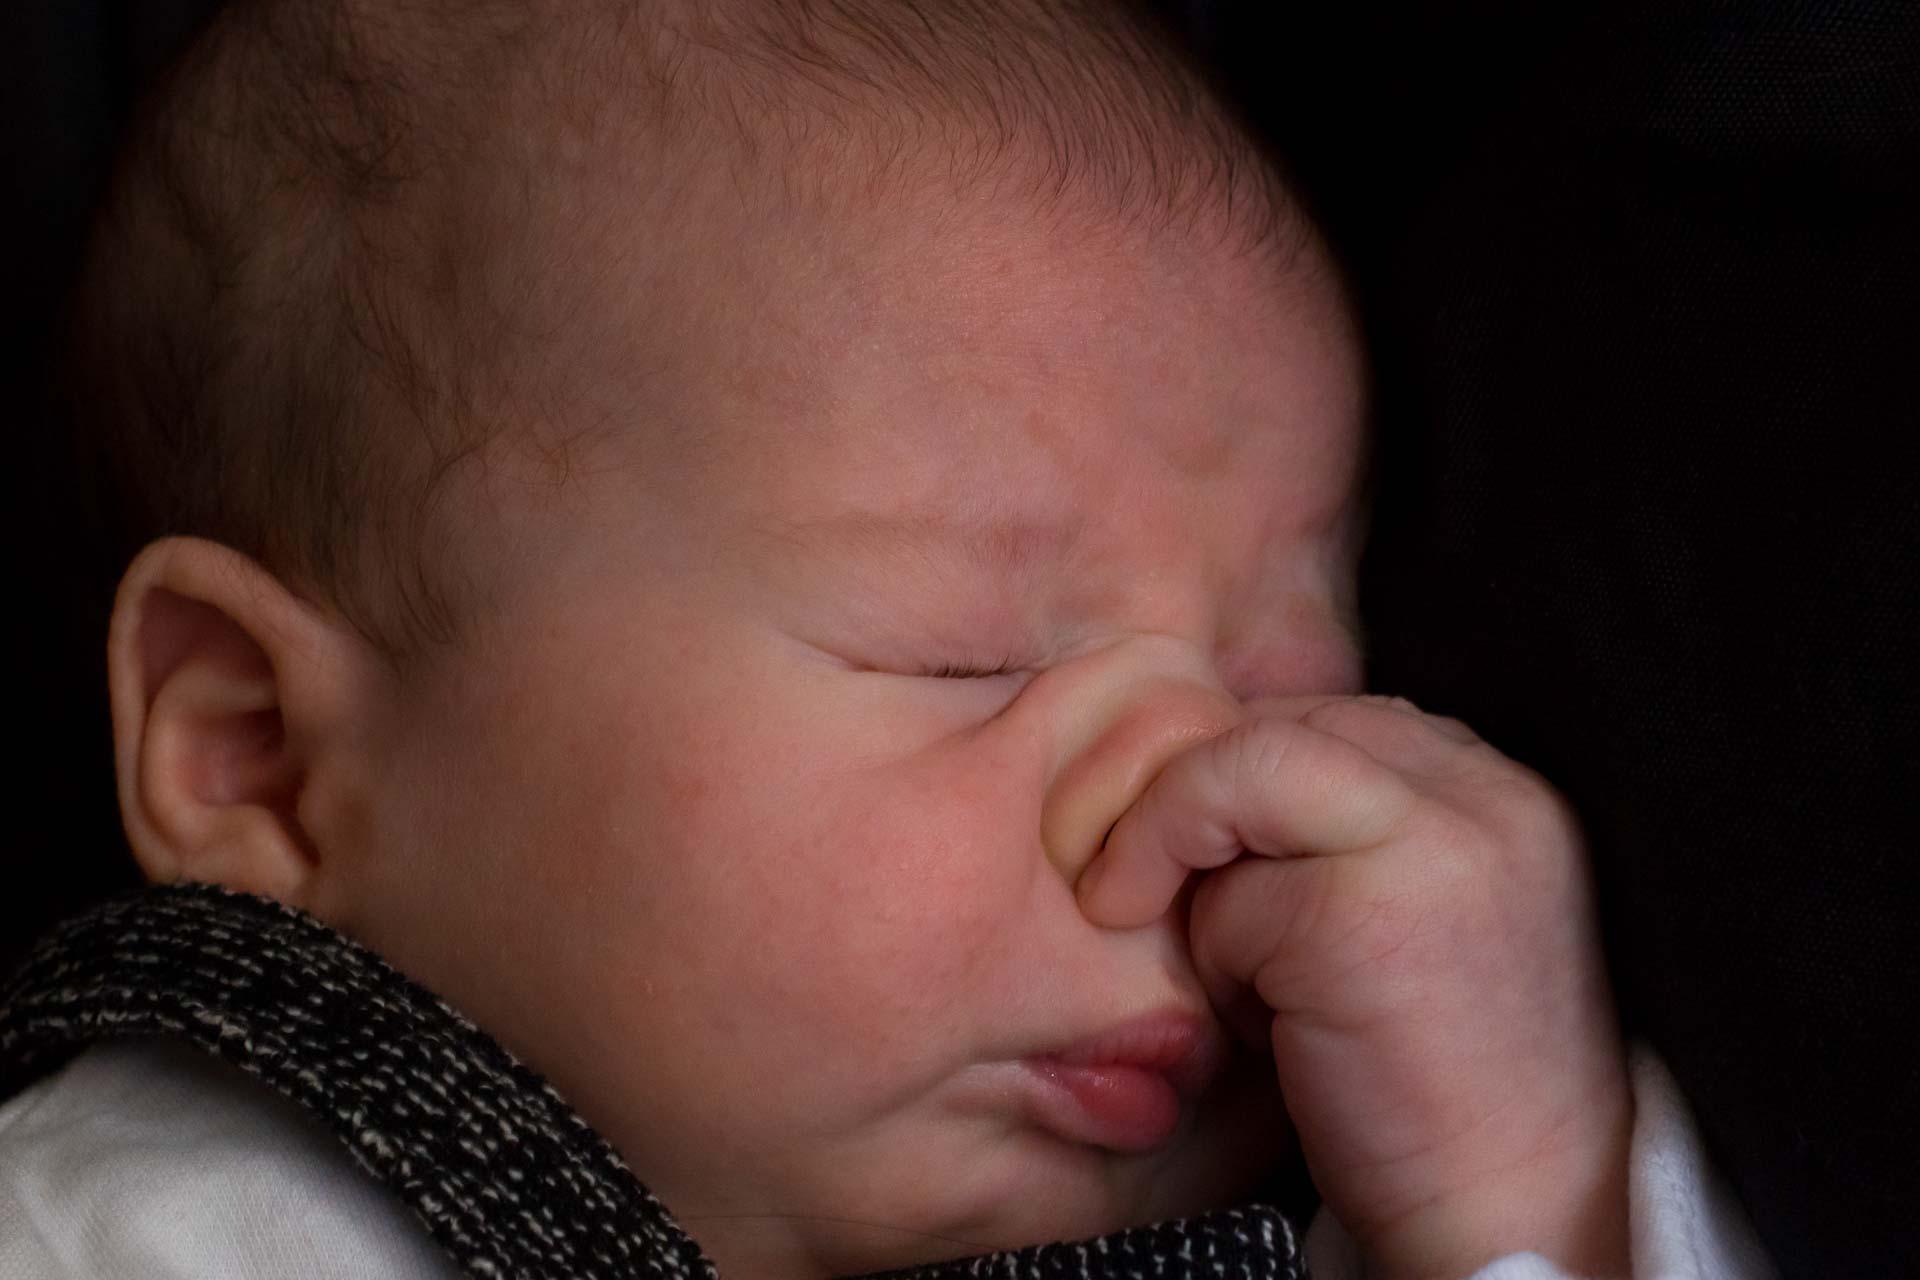 un bebé se rasca la nariz